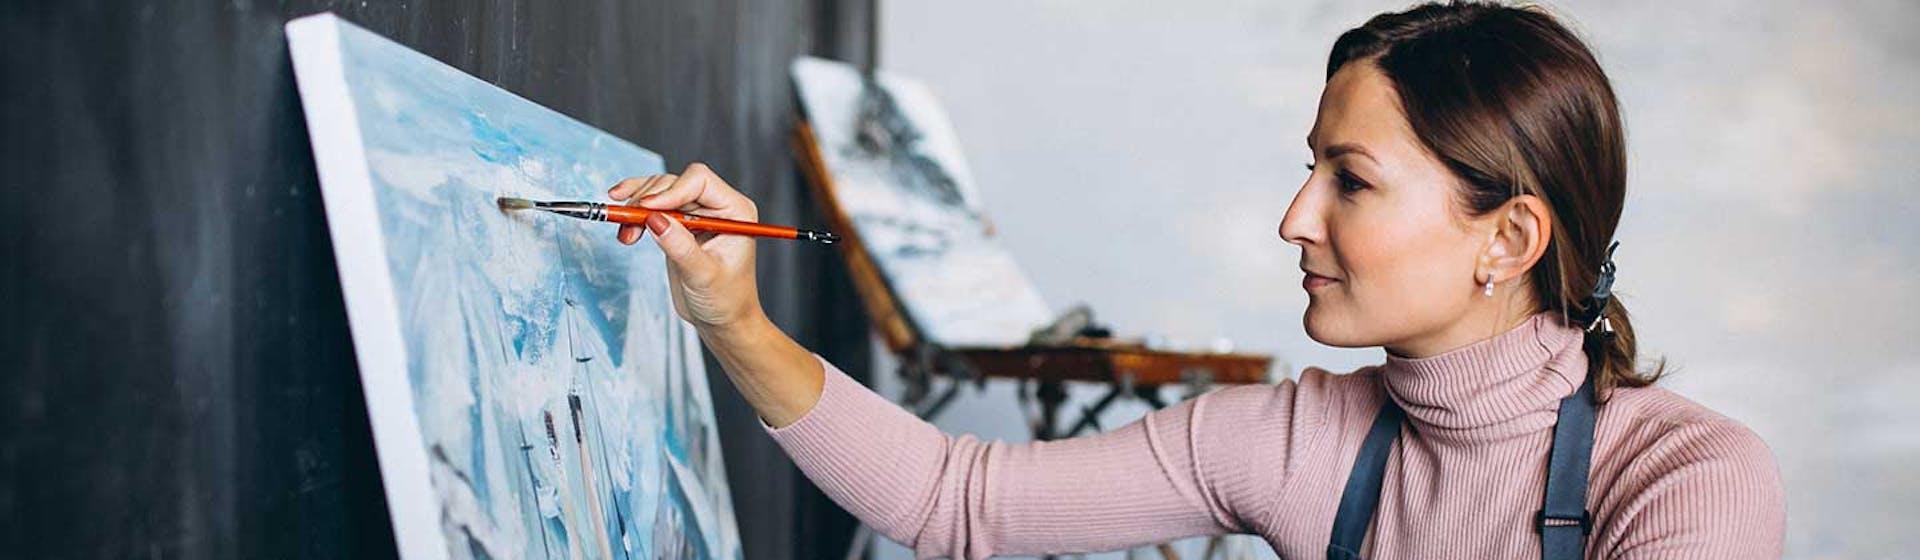 ¿Qué es el puntillismo? Alista tus brochas y conviértete en un gran artista